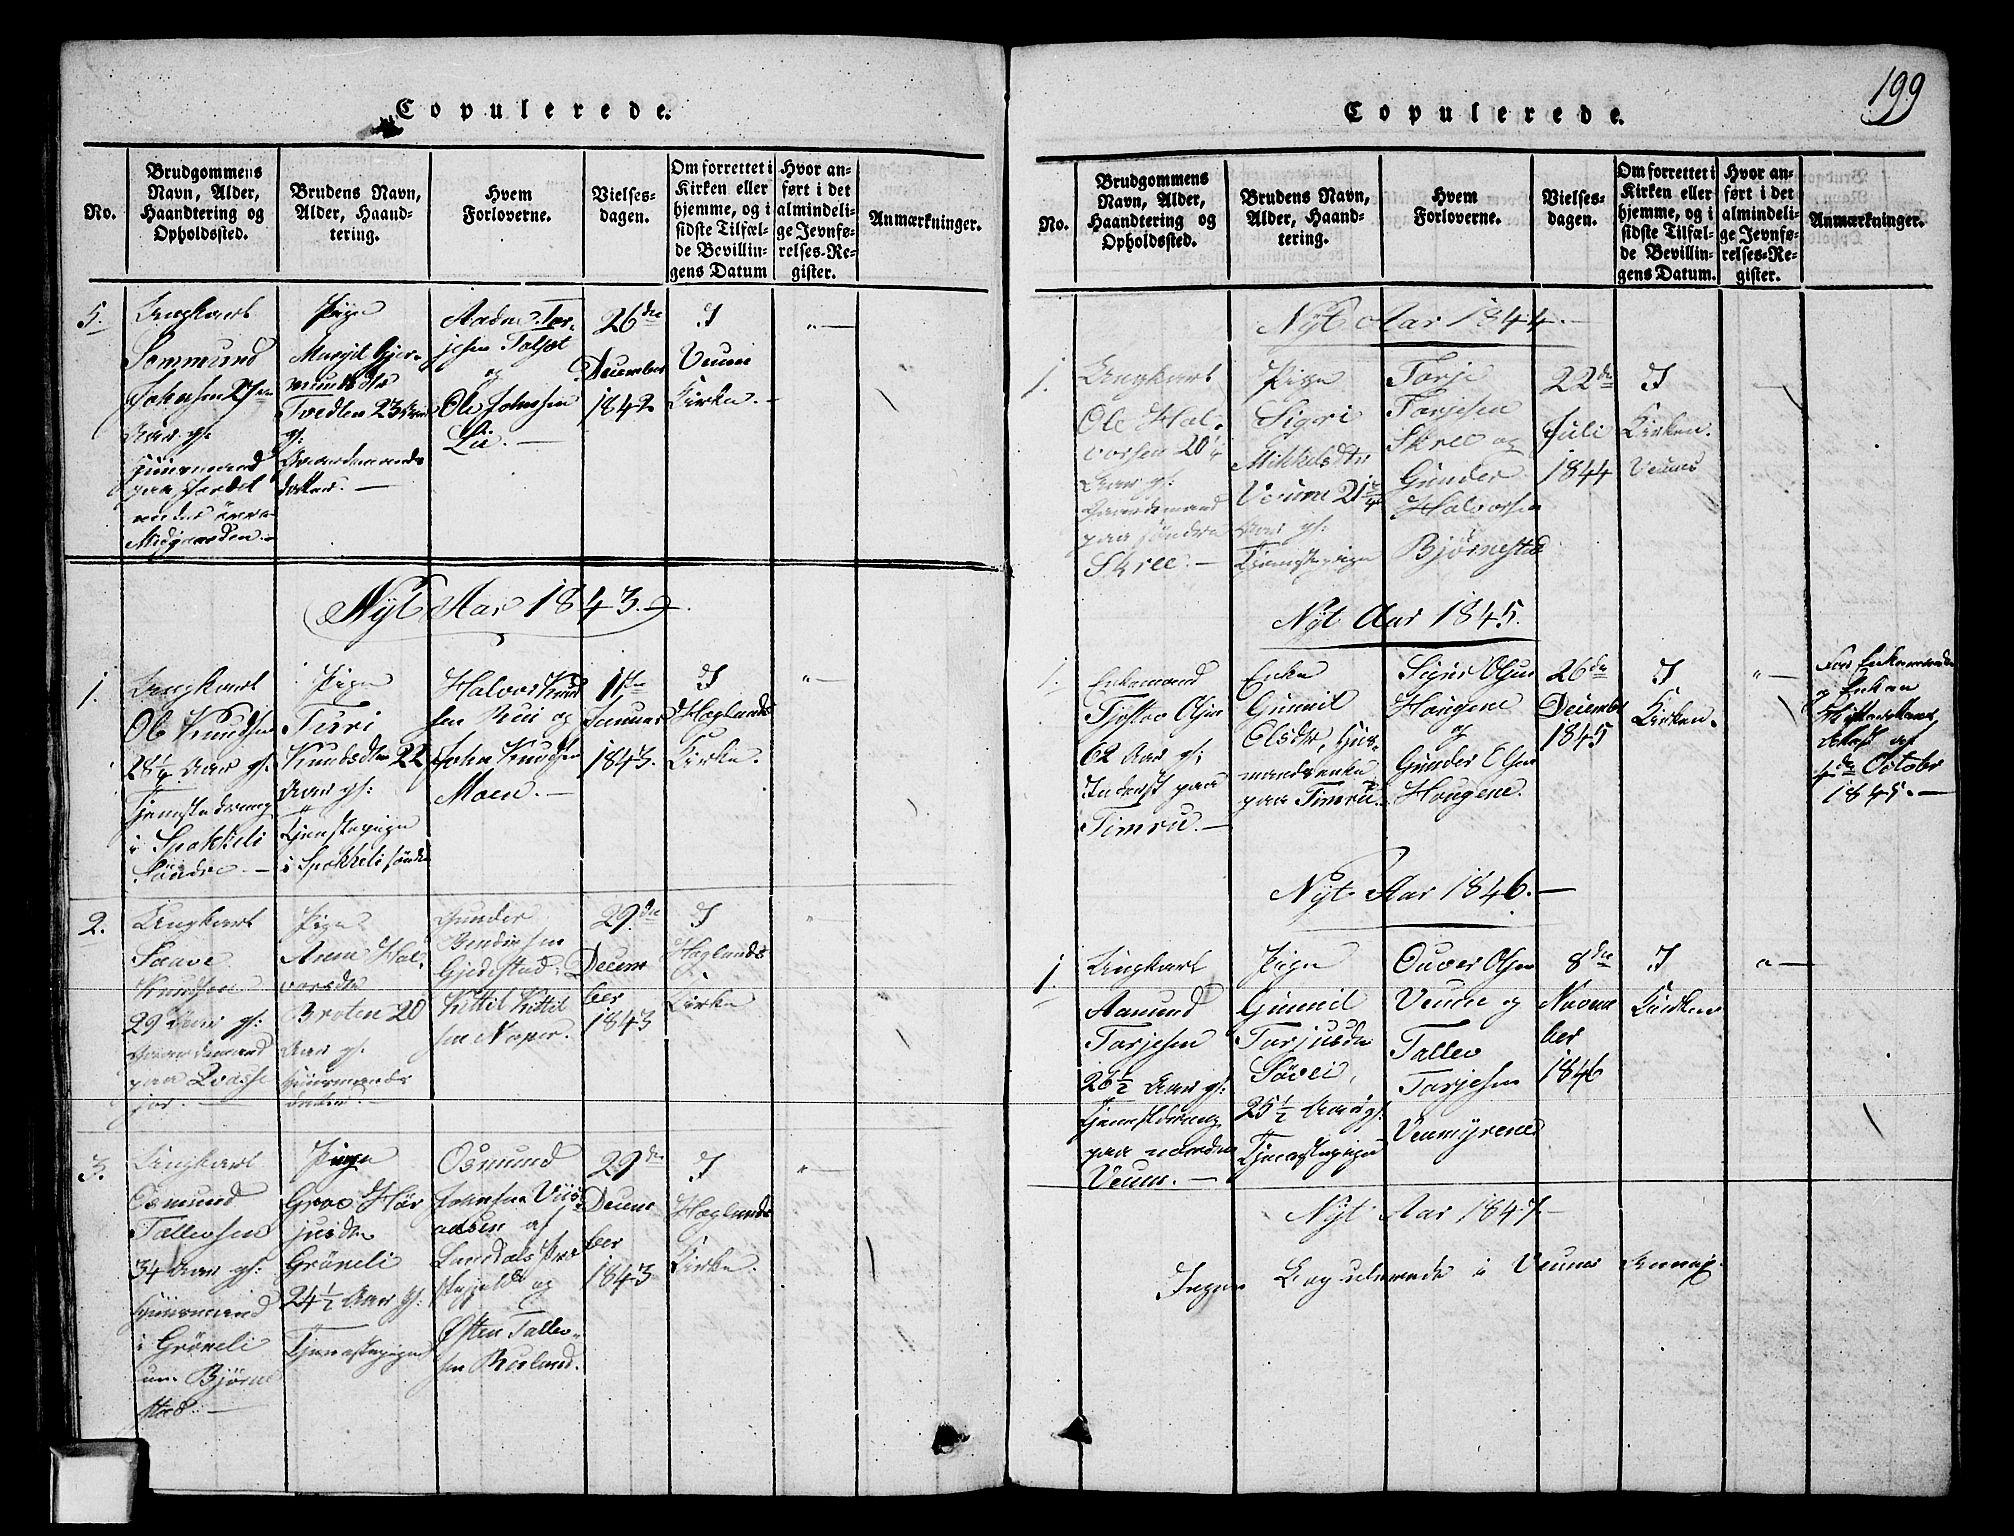 SAKO, Fyresdal kirkebøker, G/Ga/L0003: Klokkerbok nr. I 3, 1815-1863, s. 199